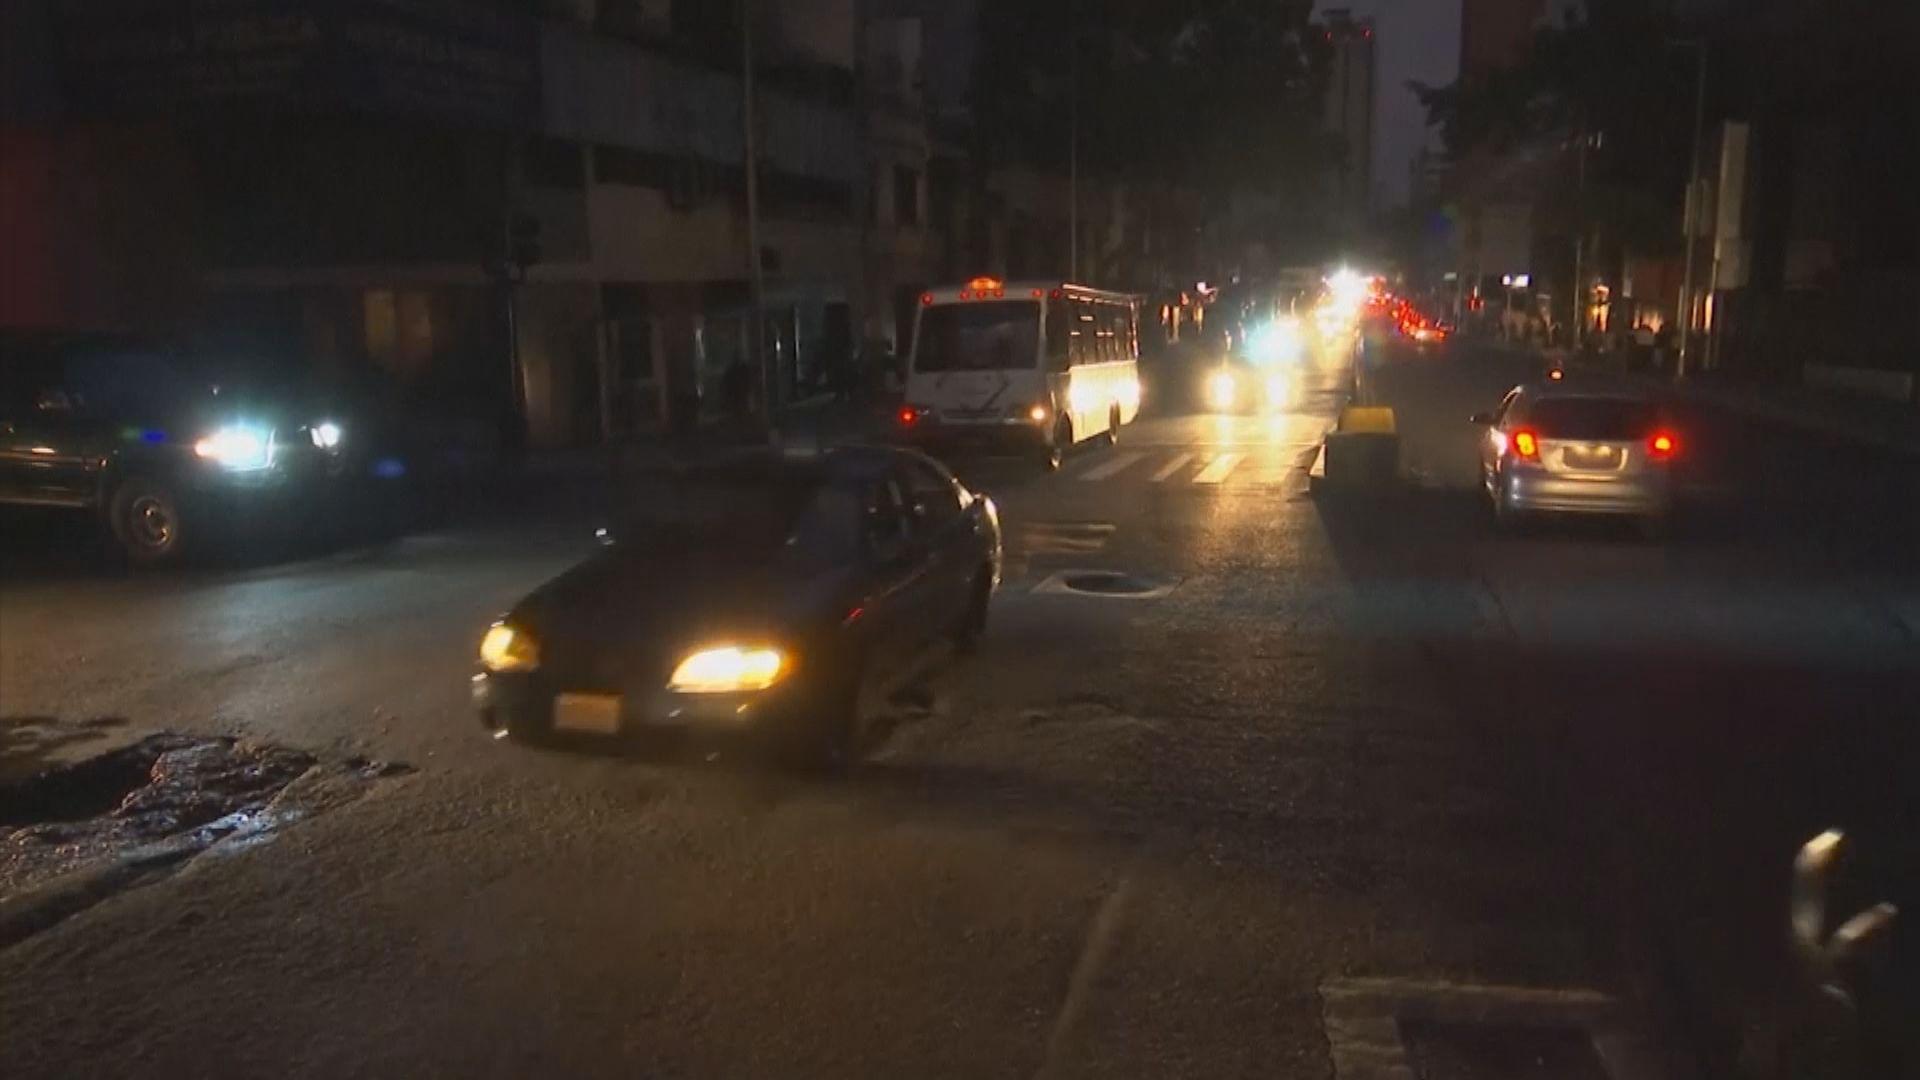 委內瑞拉再度大停電 交通通訊網絡癱瘓